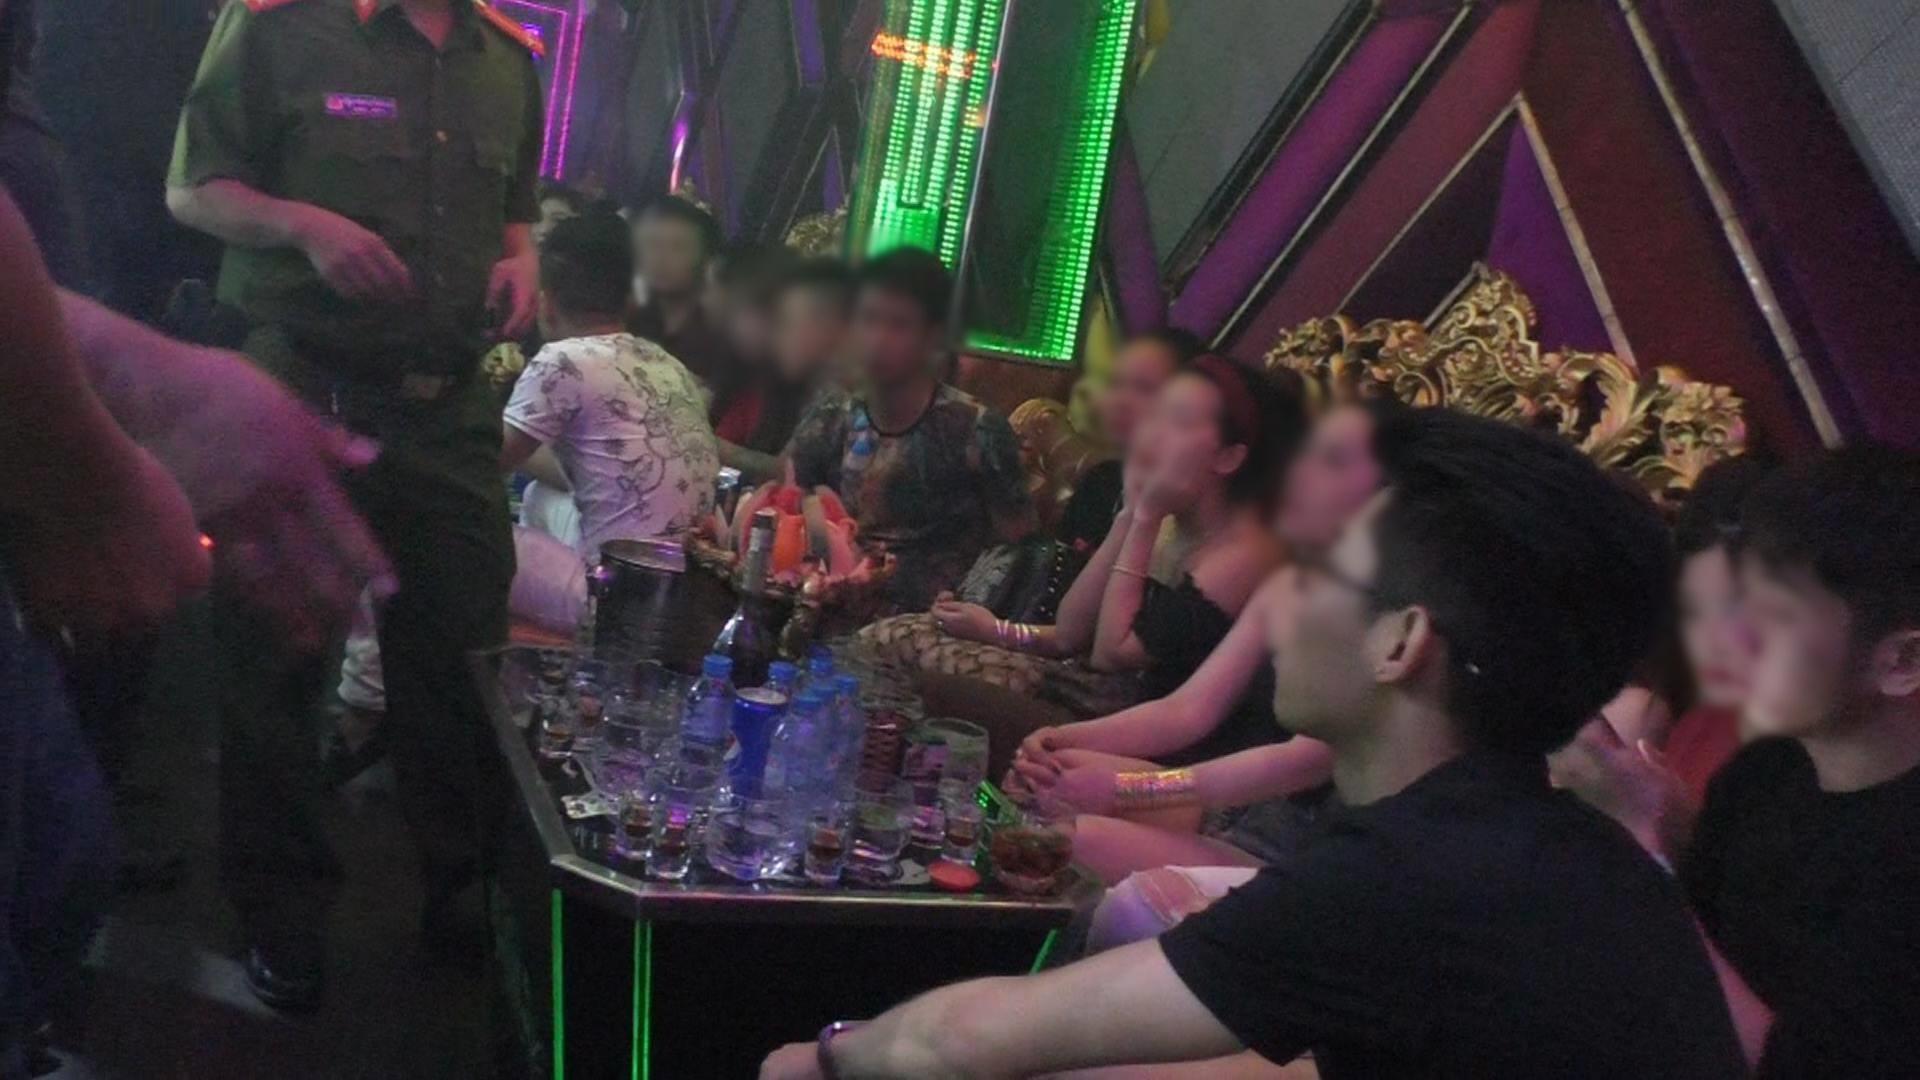 Đột kích 3 quán bar nổi tiếng ở trung tâm Sài Gòn, phát hiện nhiều dân chơi nghi sử dụng ma tuý - Ảnh 1.